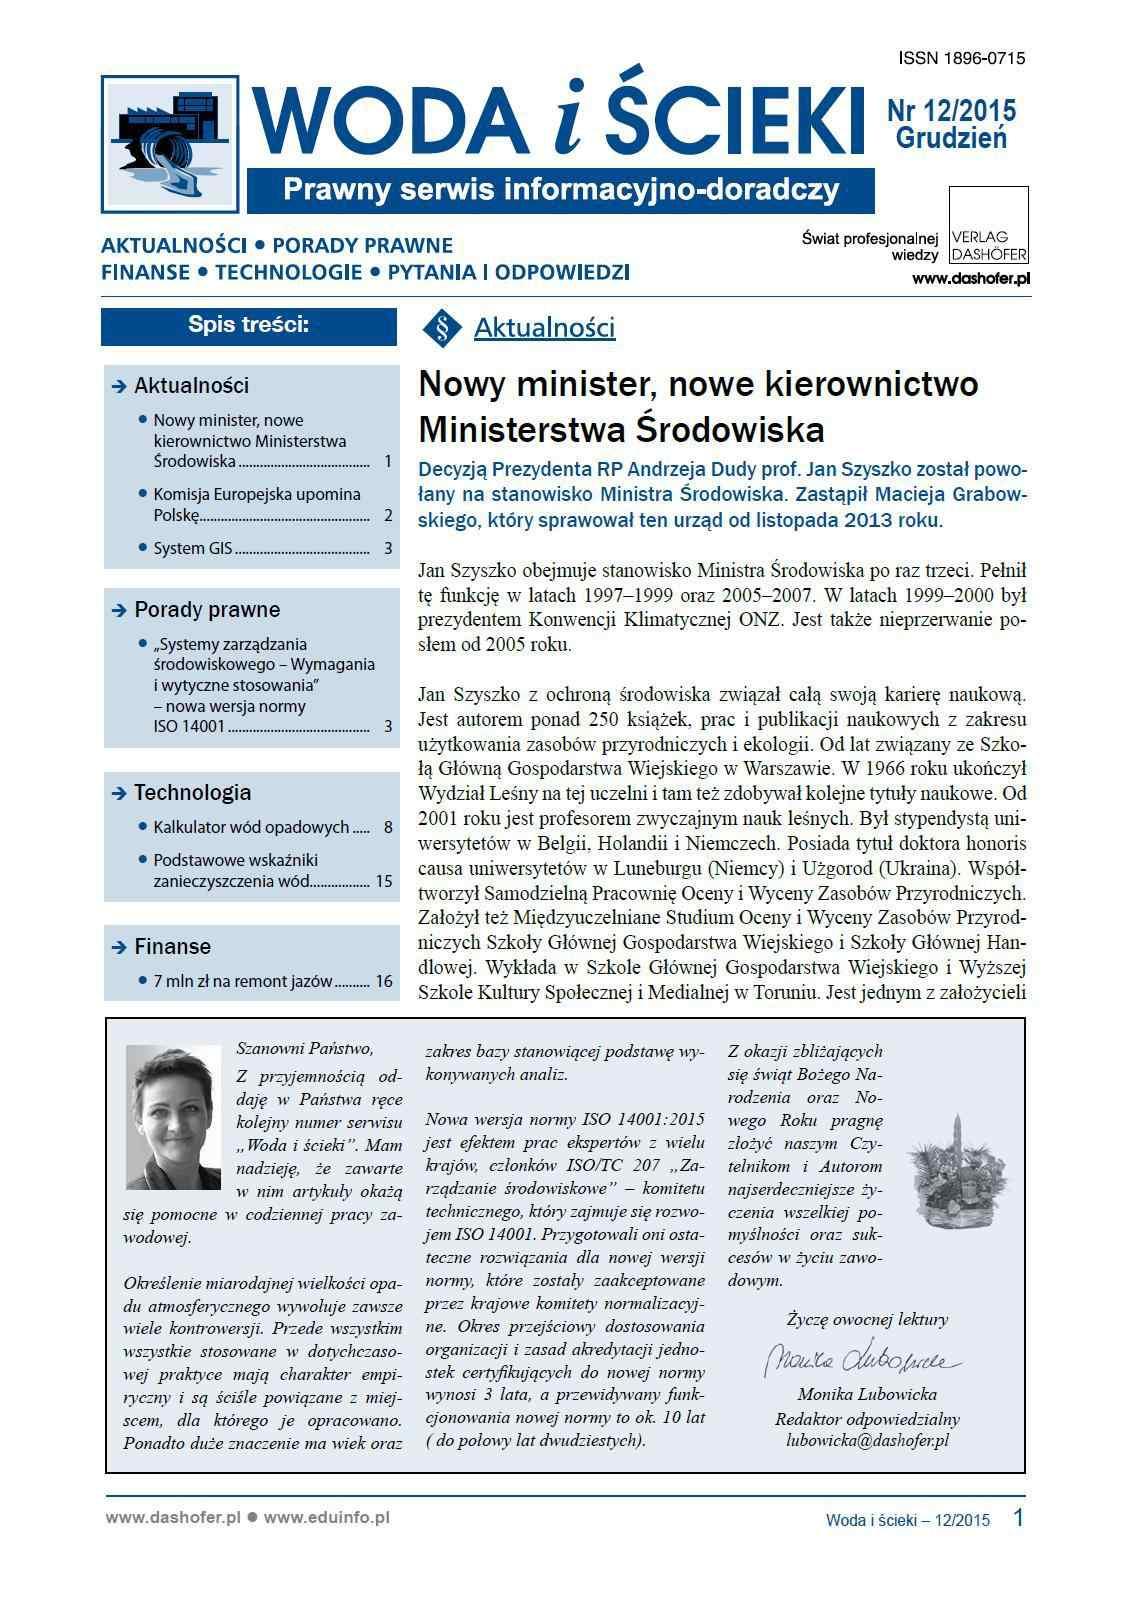 Woda i ścieki. Prawny serwis informacyjno-doradczy. Nr 12/2015 - Ebook (Książka PDF) do pobrania w formacie PDF